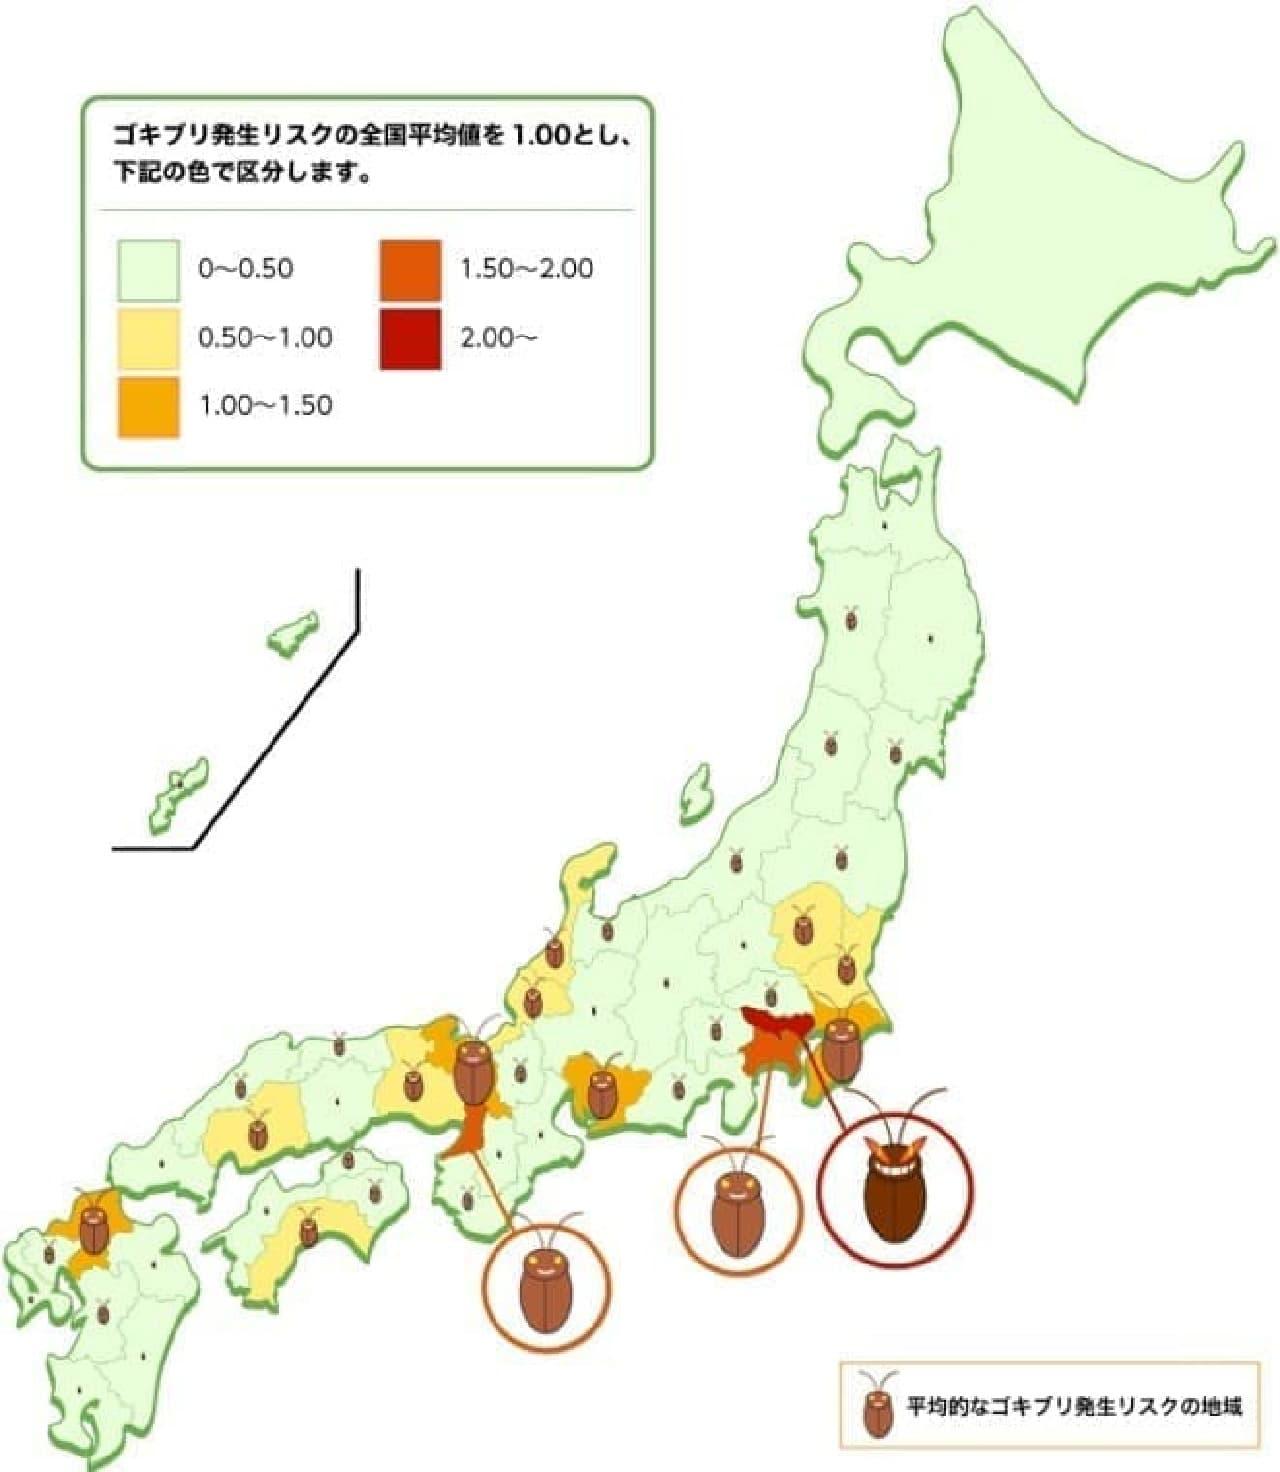 ゴキブリ被害多発地域、ワースト3位は大阪、2位は神奈川、1位は?